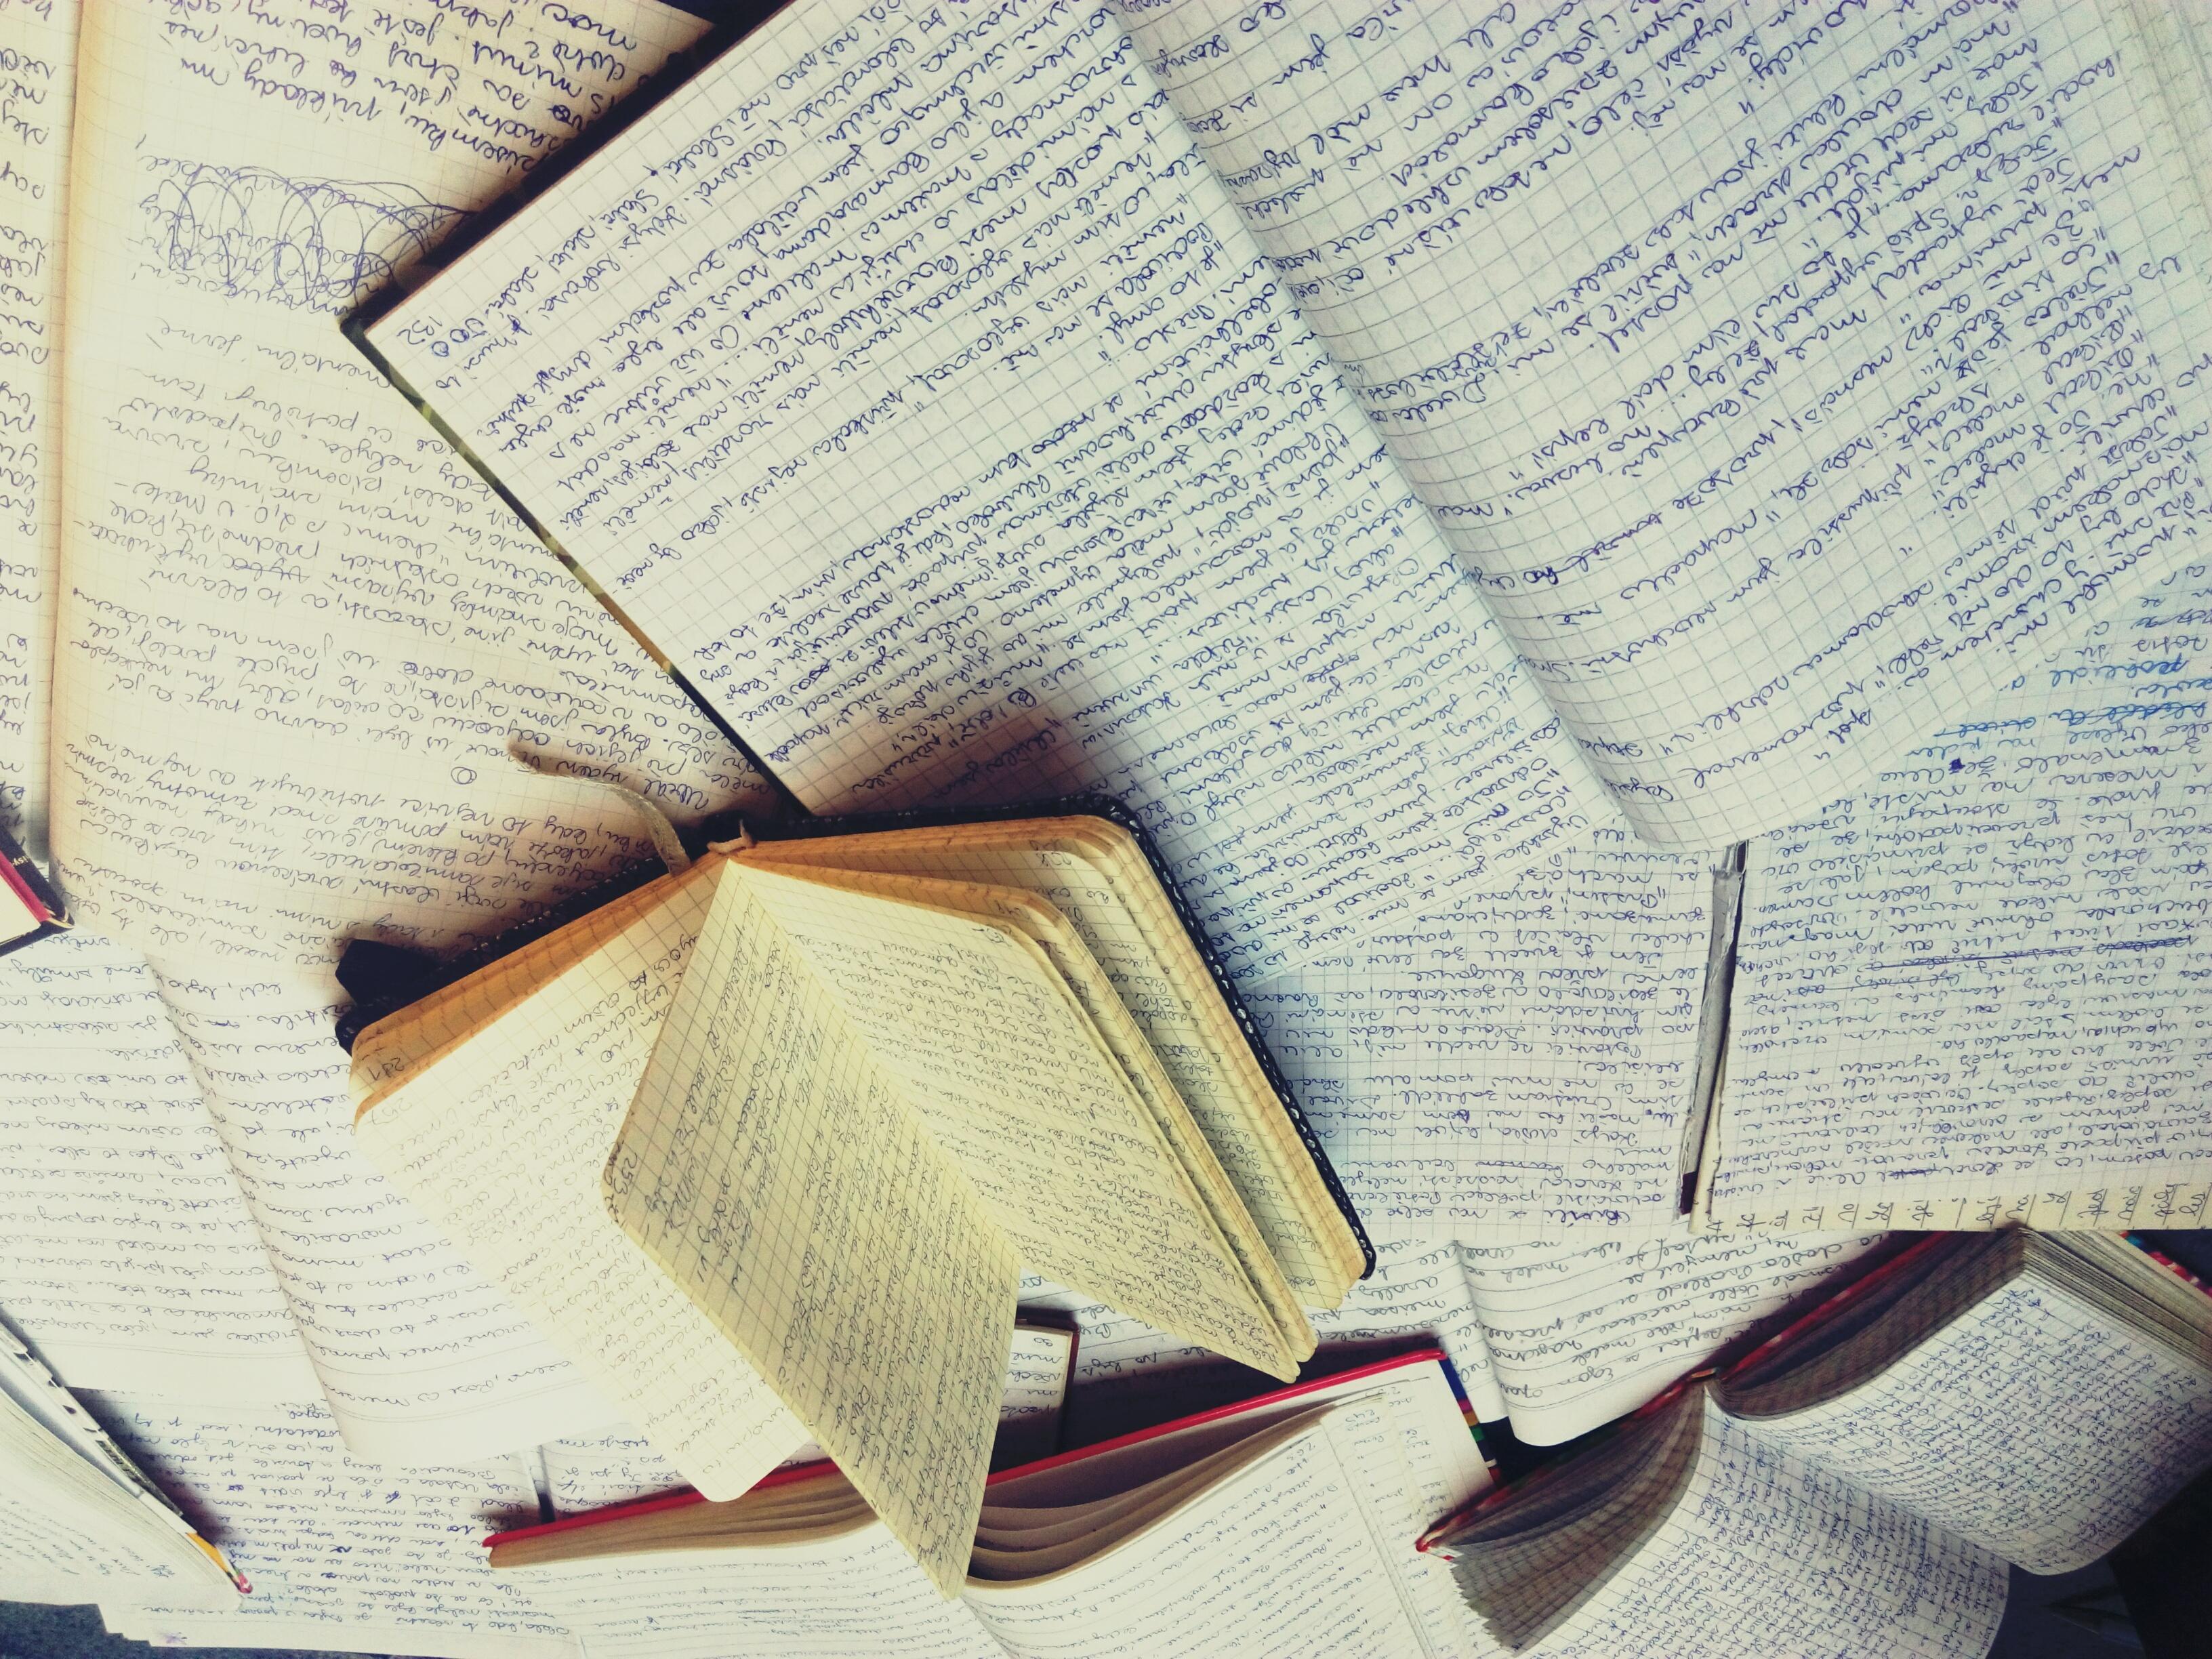 Naučit se psát? – Rady a tipy na to, jak začít!